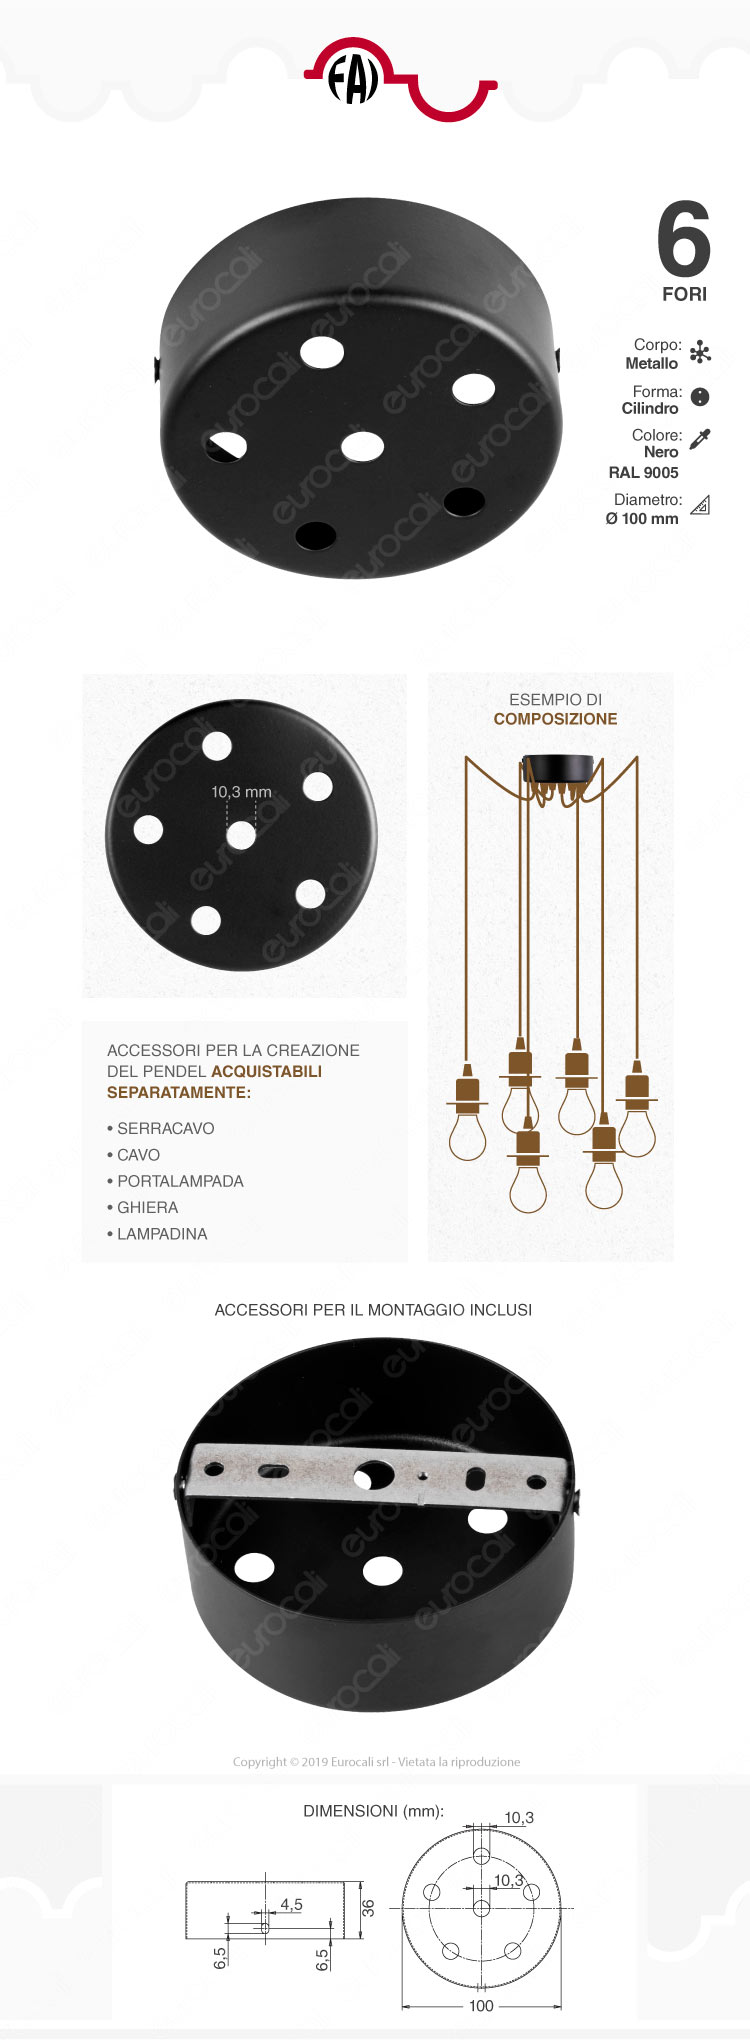 FAI Rosone Cilindrico in Metallo 6 Fori Colore Nero Opaco